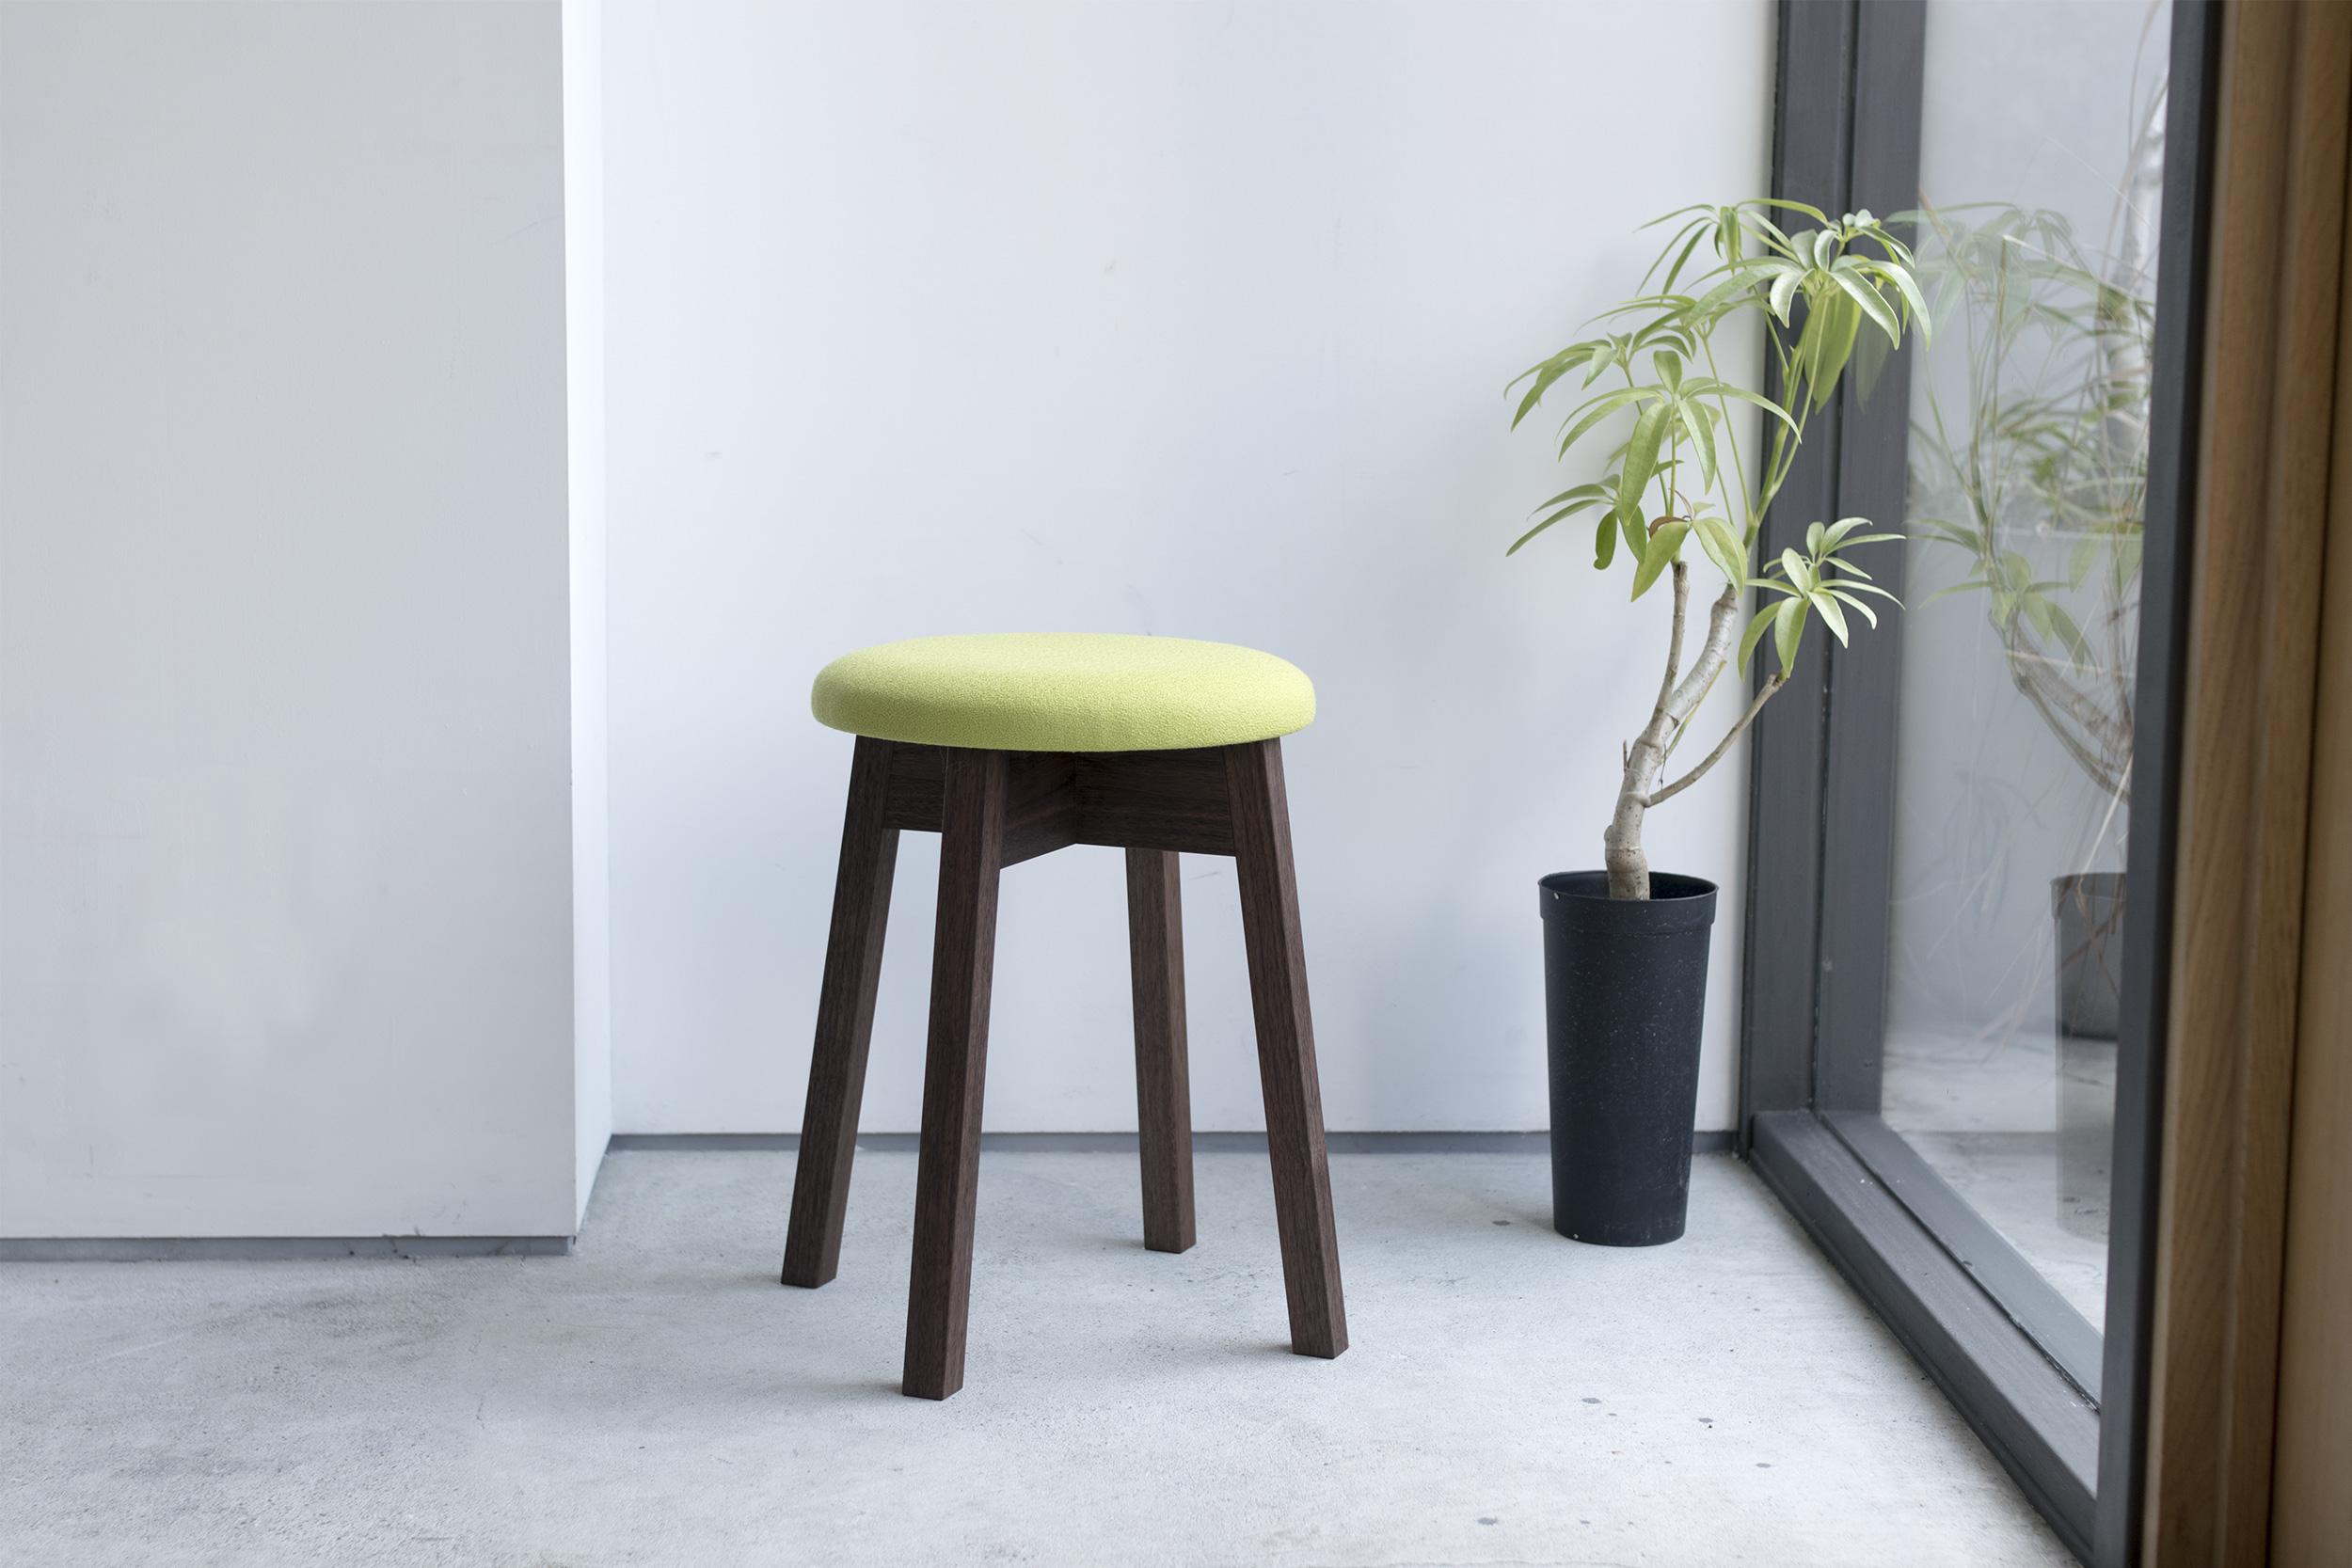 ウォールナット材で製作したPico stool(ピコスツール)